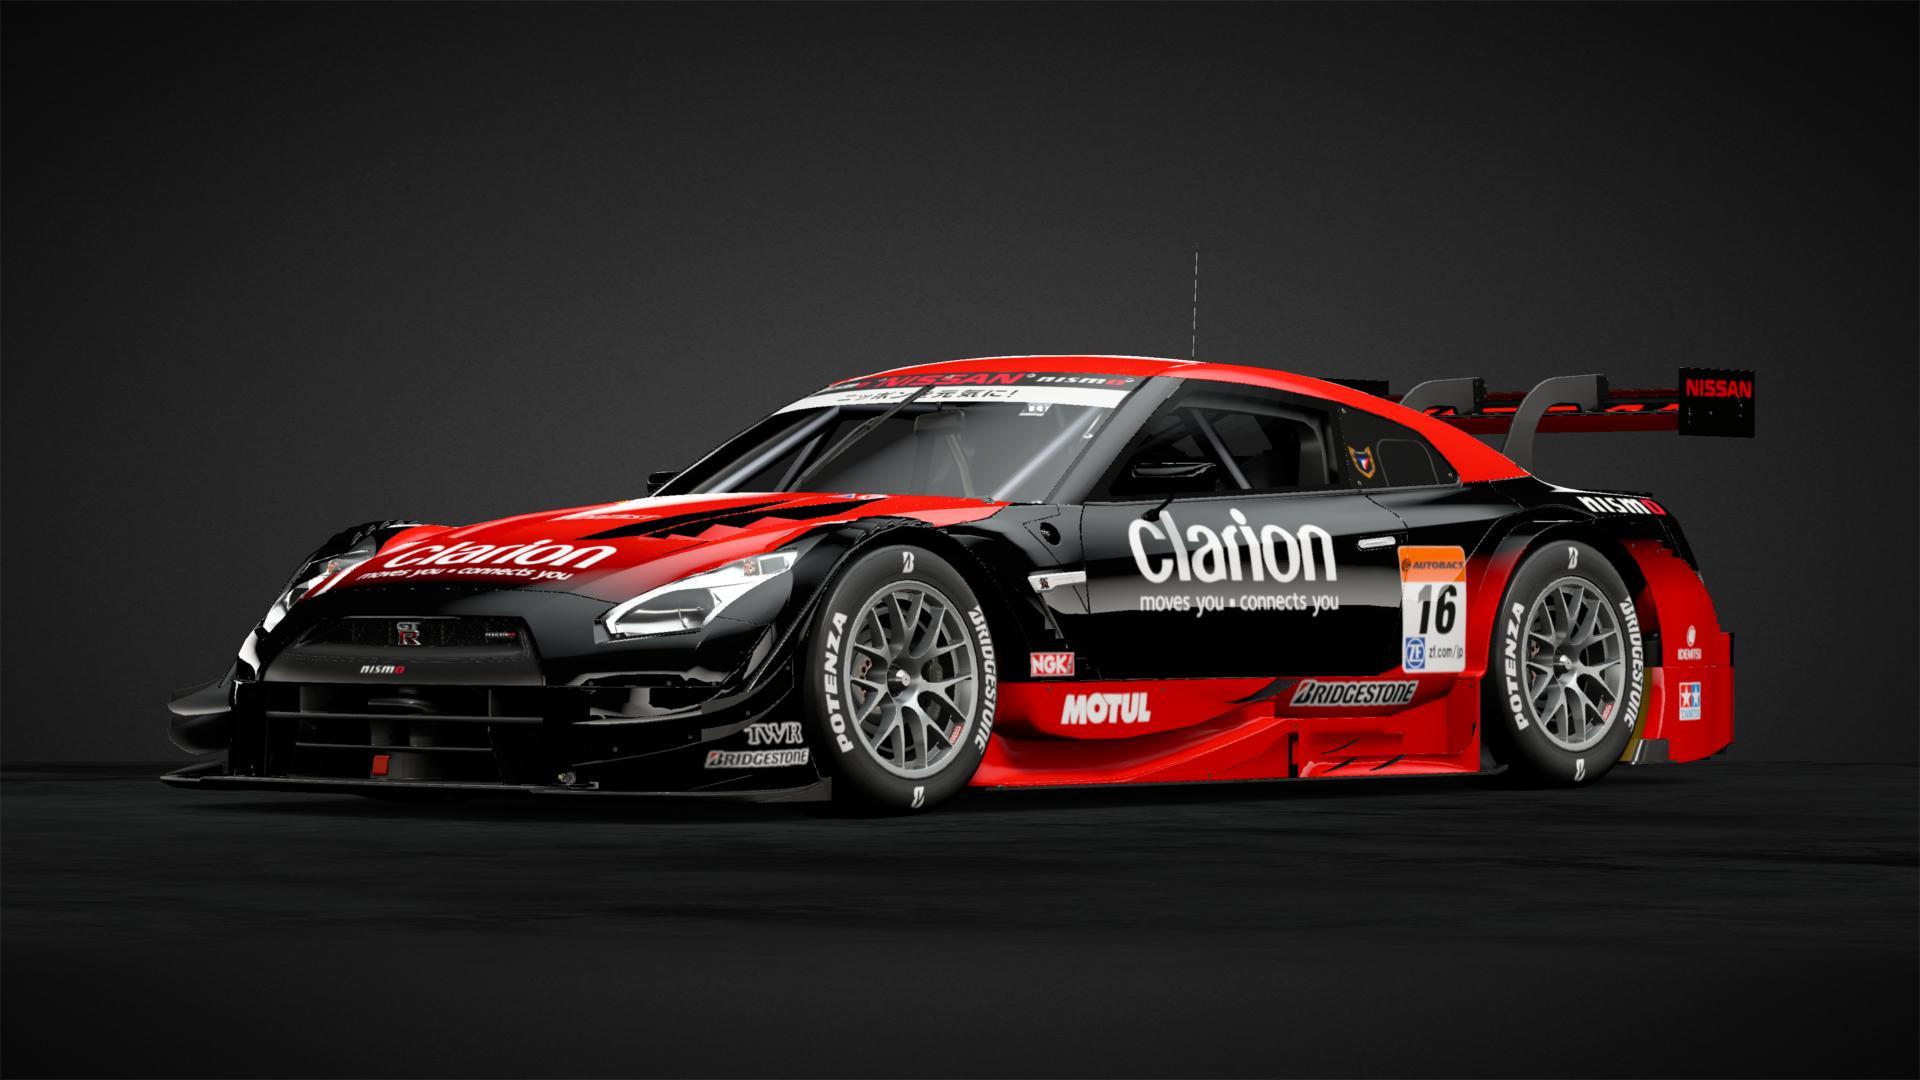 26/04 : Enduro Super GT (1 places restantes) - Page 2 8512441017324012553_23